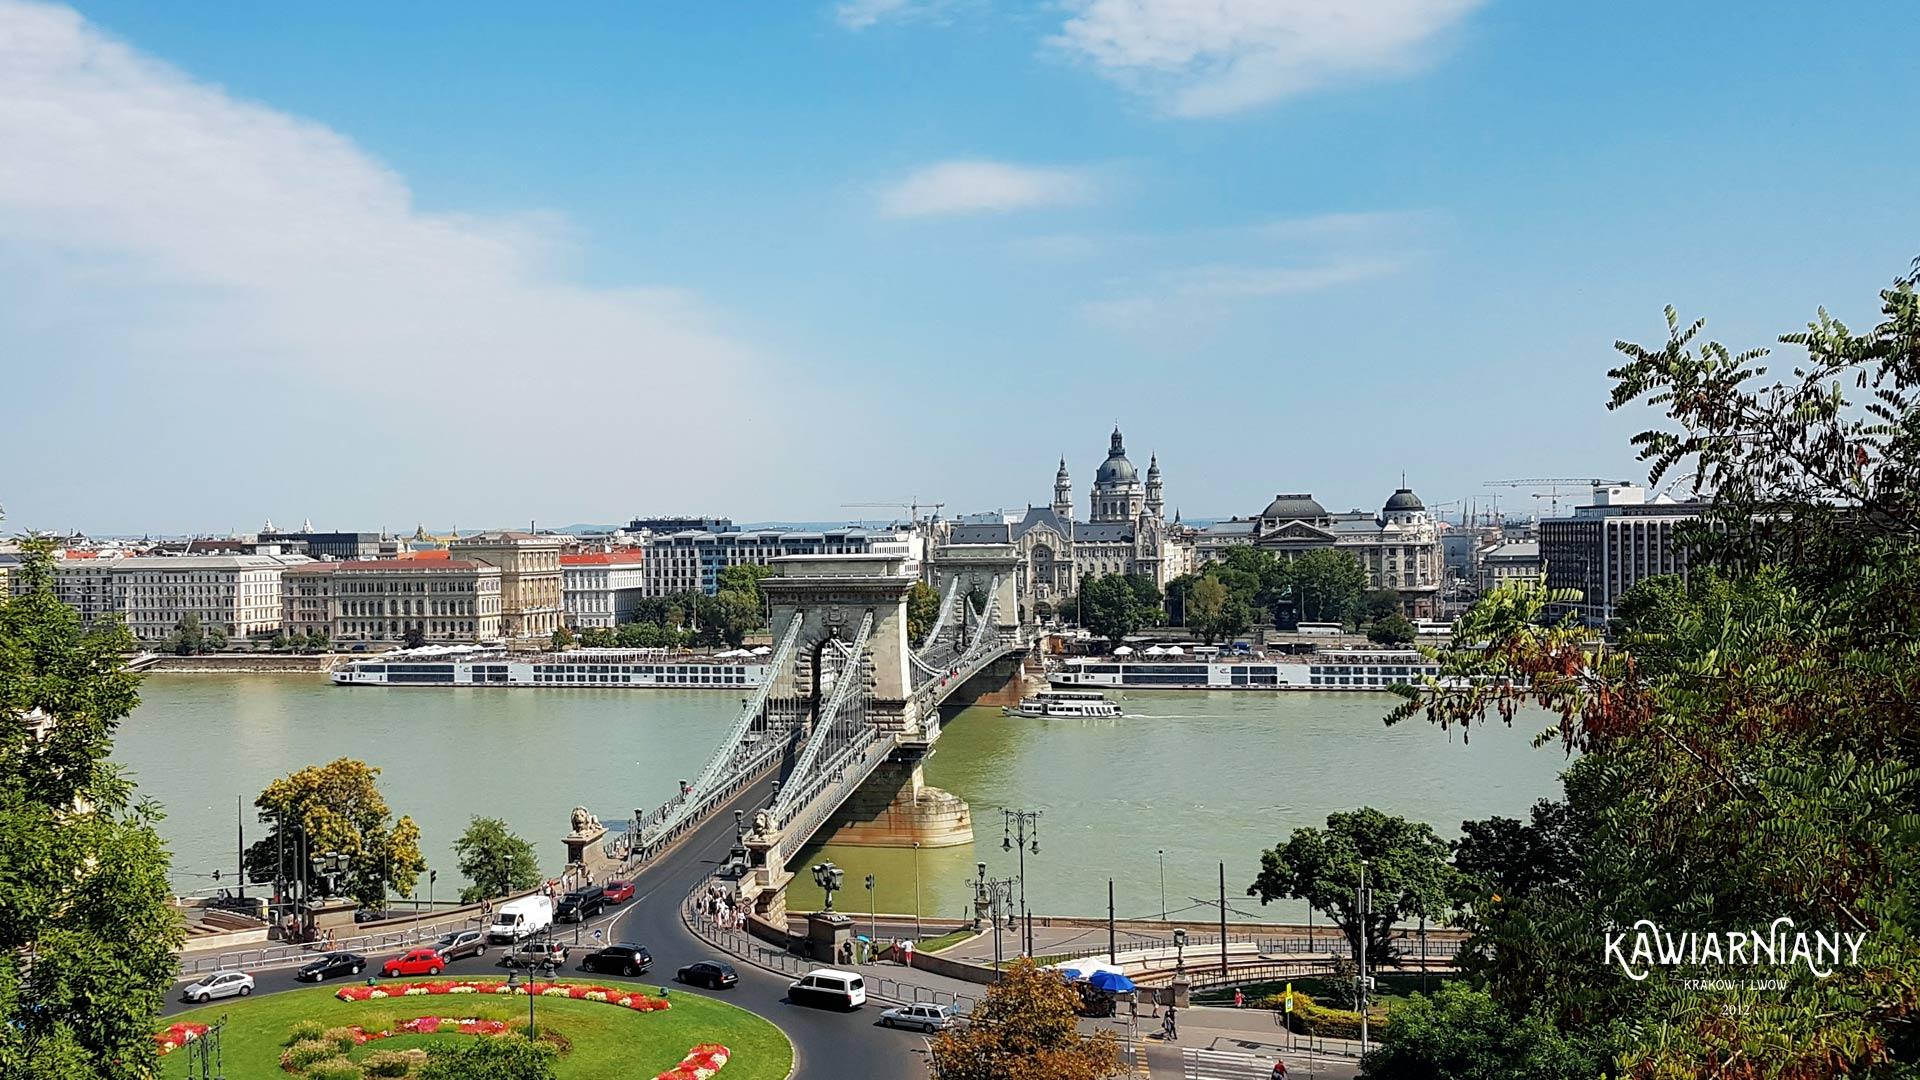 17 ciekawostek o Węgrzech i Budapeszcie które warto znać